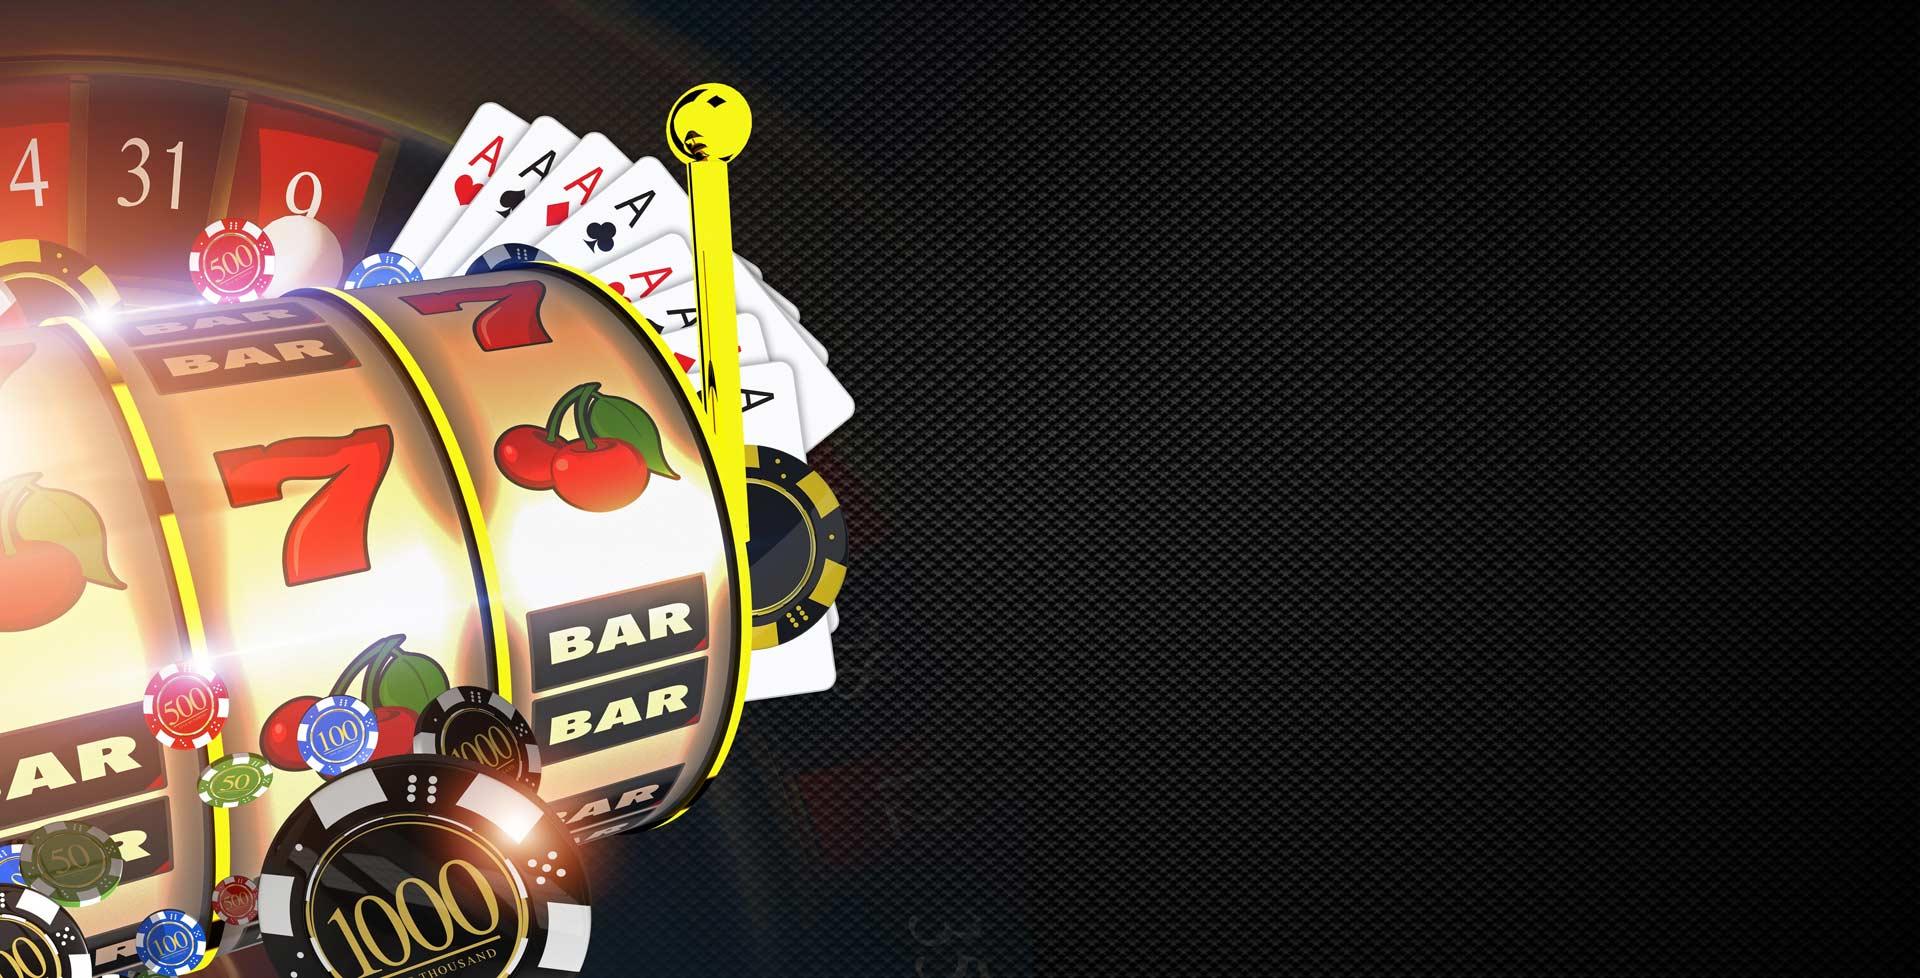 Mobile Casino Promos